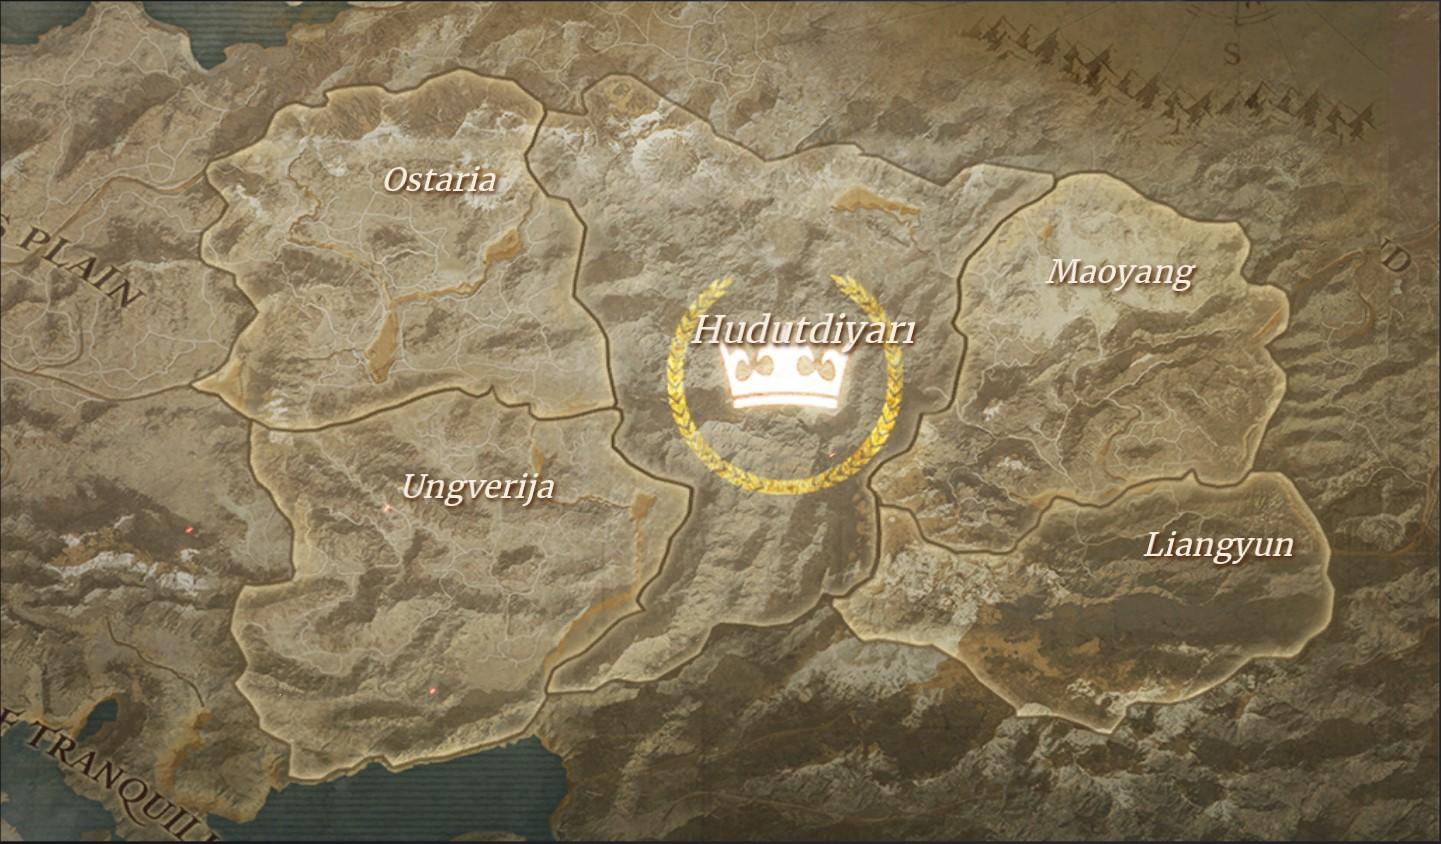 Toplama Rehberi #2 Bölgesel Egzotik Kaynaklar Nerelerden Toplanır? | Conqueror's Blade